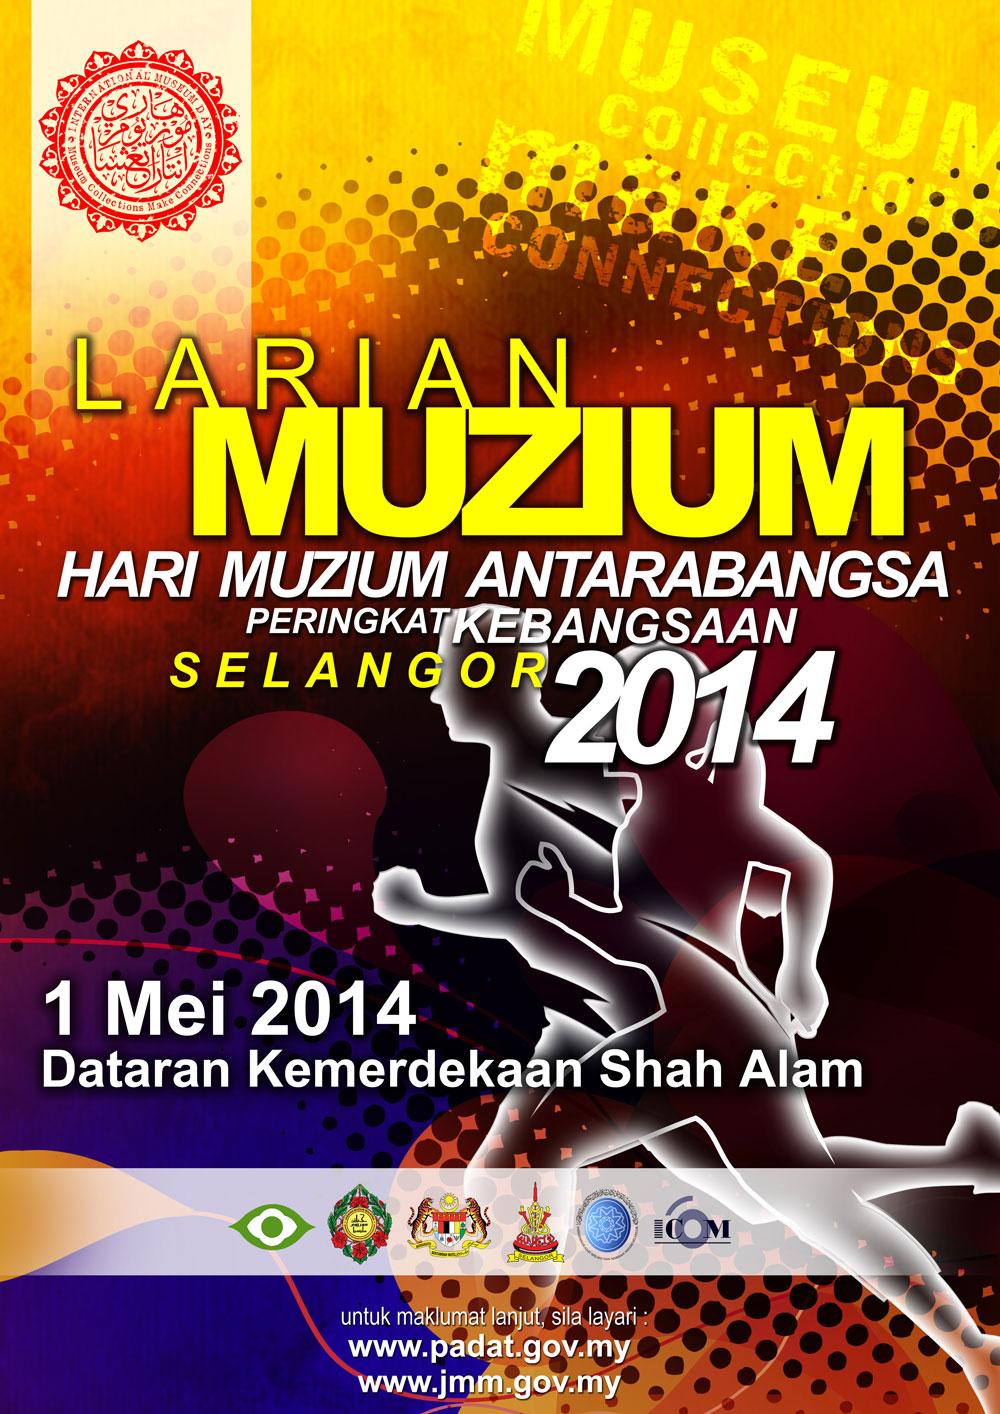 Larian Muzium Hari Muzium Antarabangsa Peringkat Kebangsaan Selangor 2014